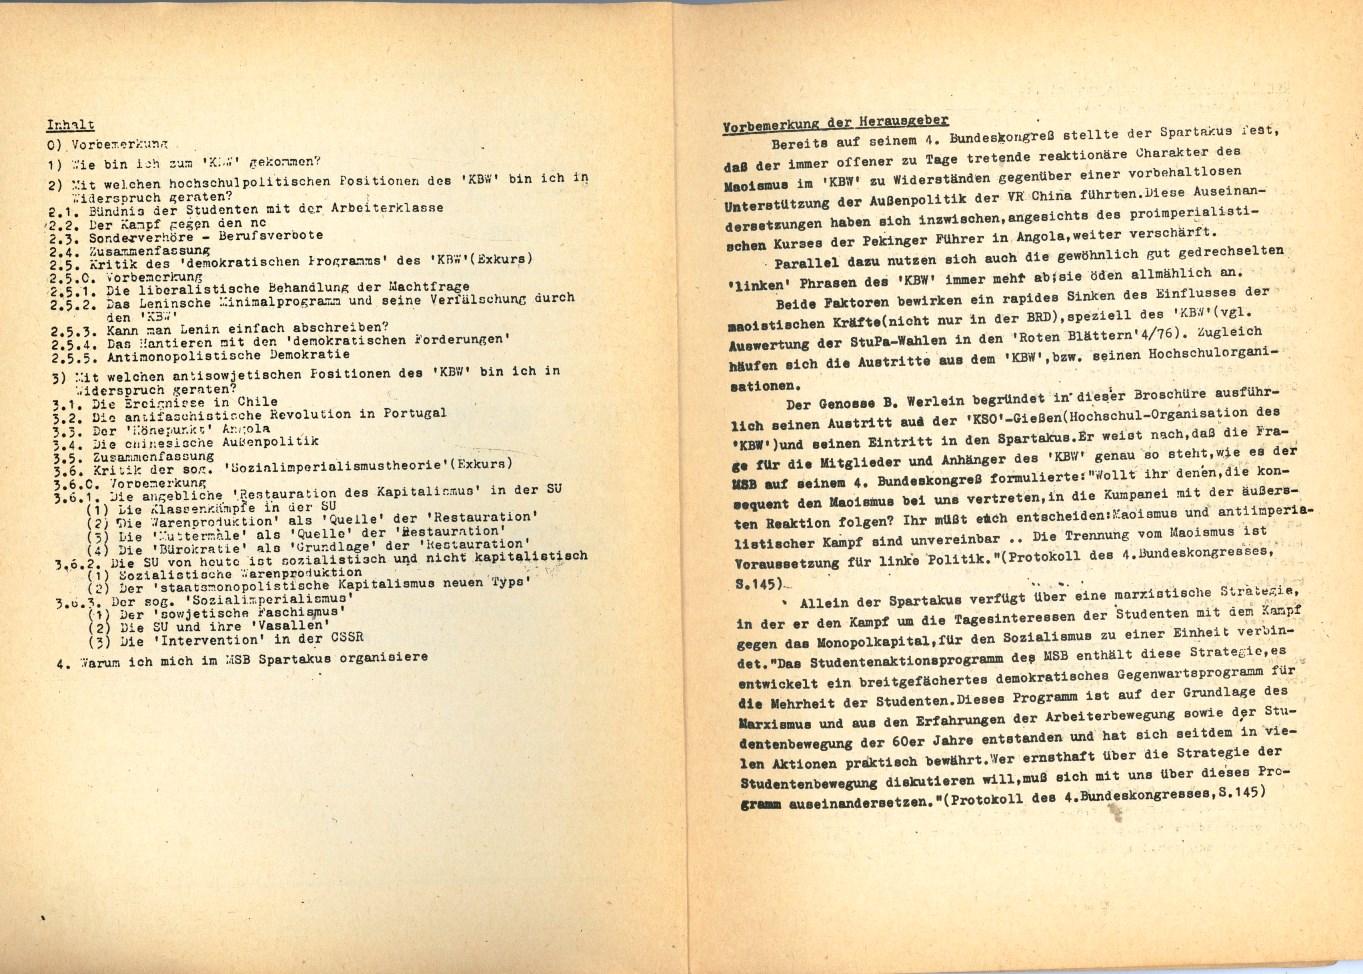 Giessen_MSB_1976_Der_KBW_eine_rechte_Organisation_02